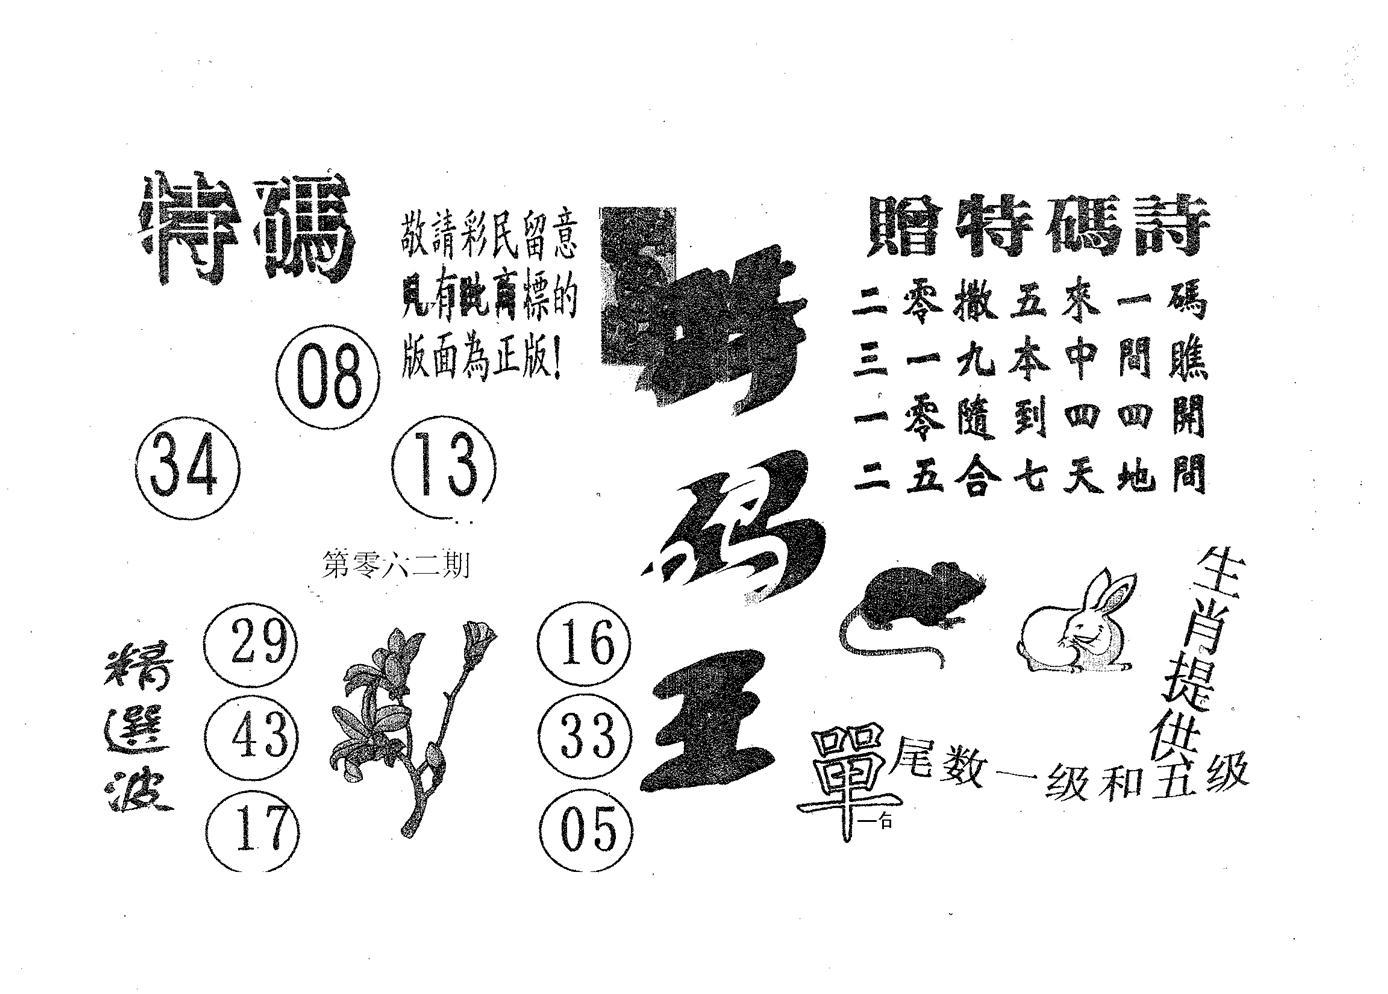 062期特码王A(黑白)